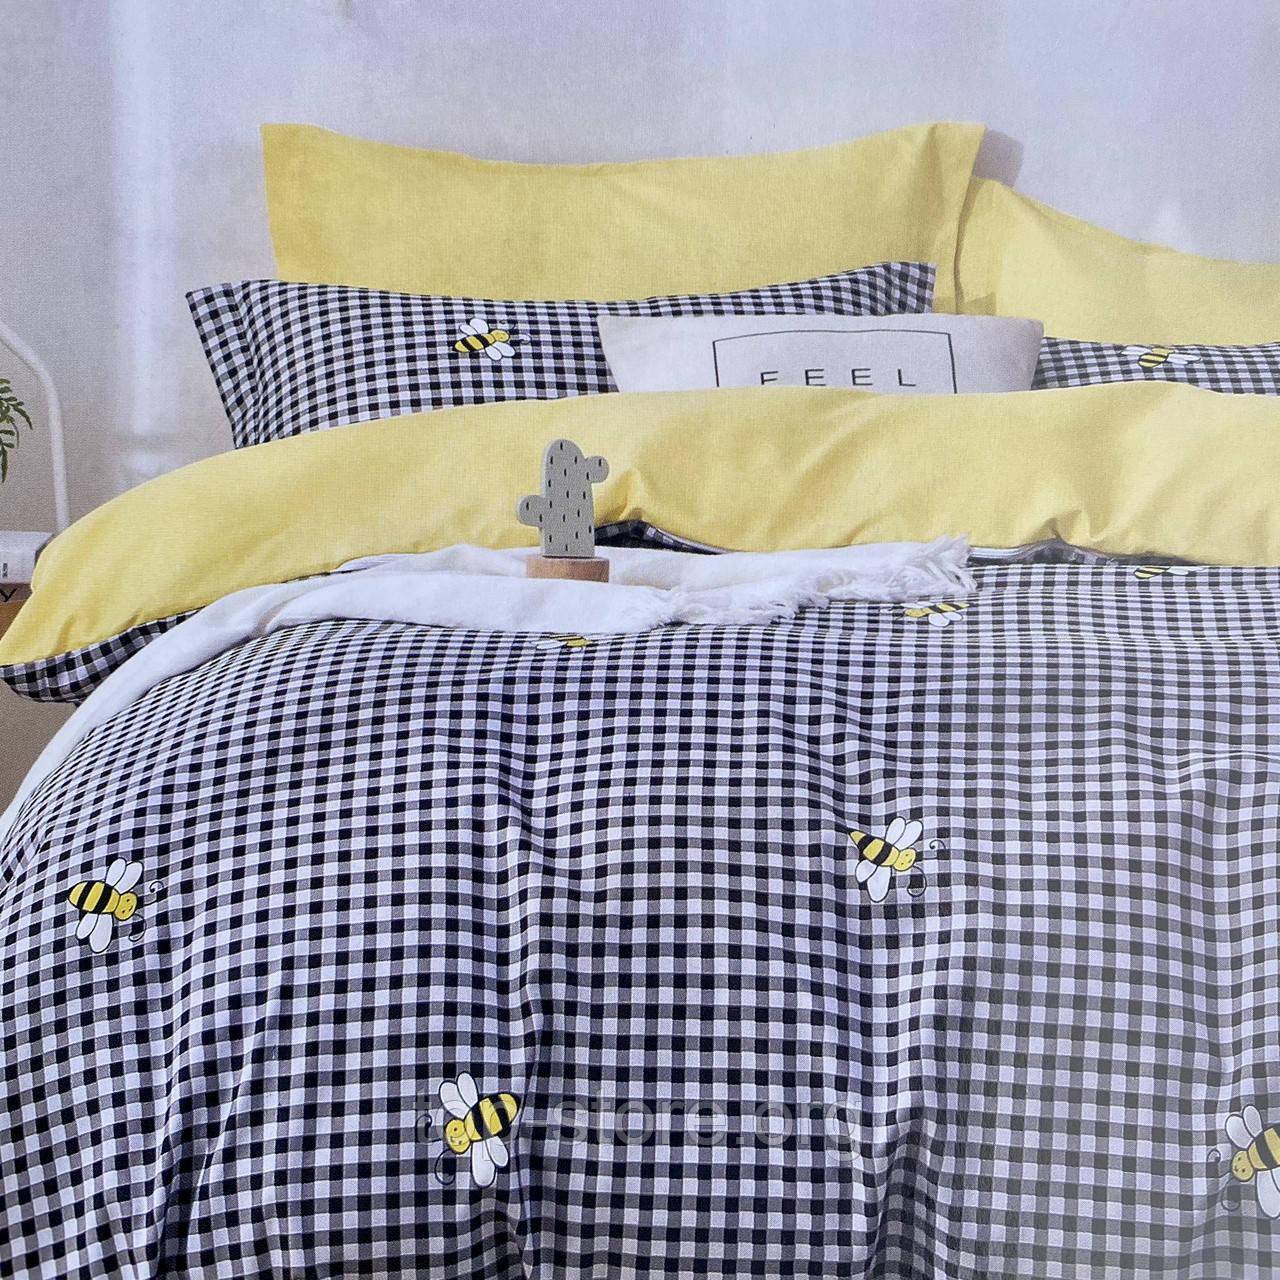 Постельное белье Евро размер | Качественный фланелевый комплект постельного белья.